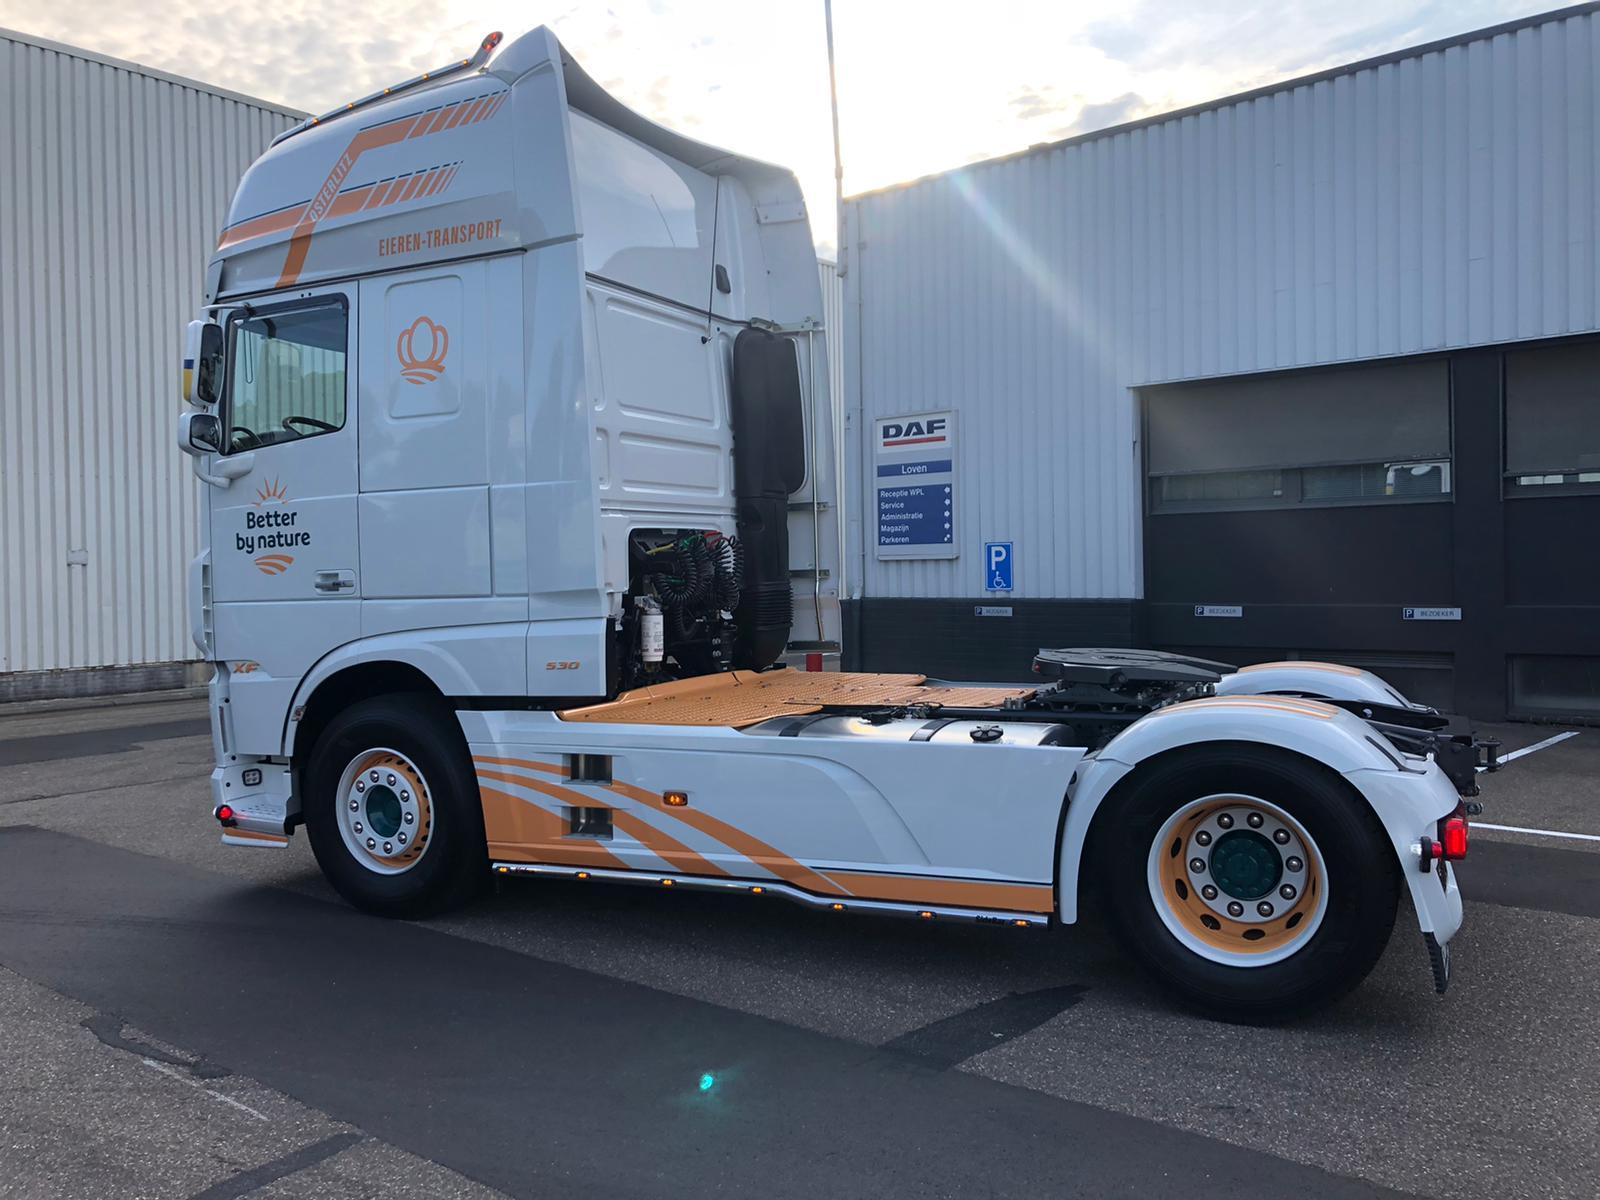 DAF---XF-Super-Space-Cab-met-530-pk-Osterlitz-Heerlen-(3)